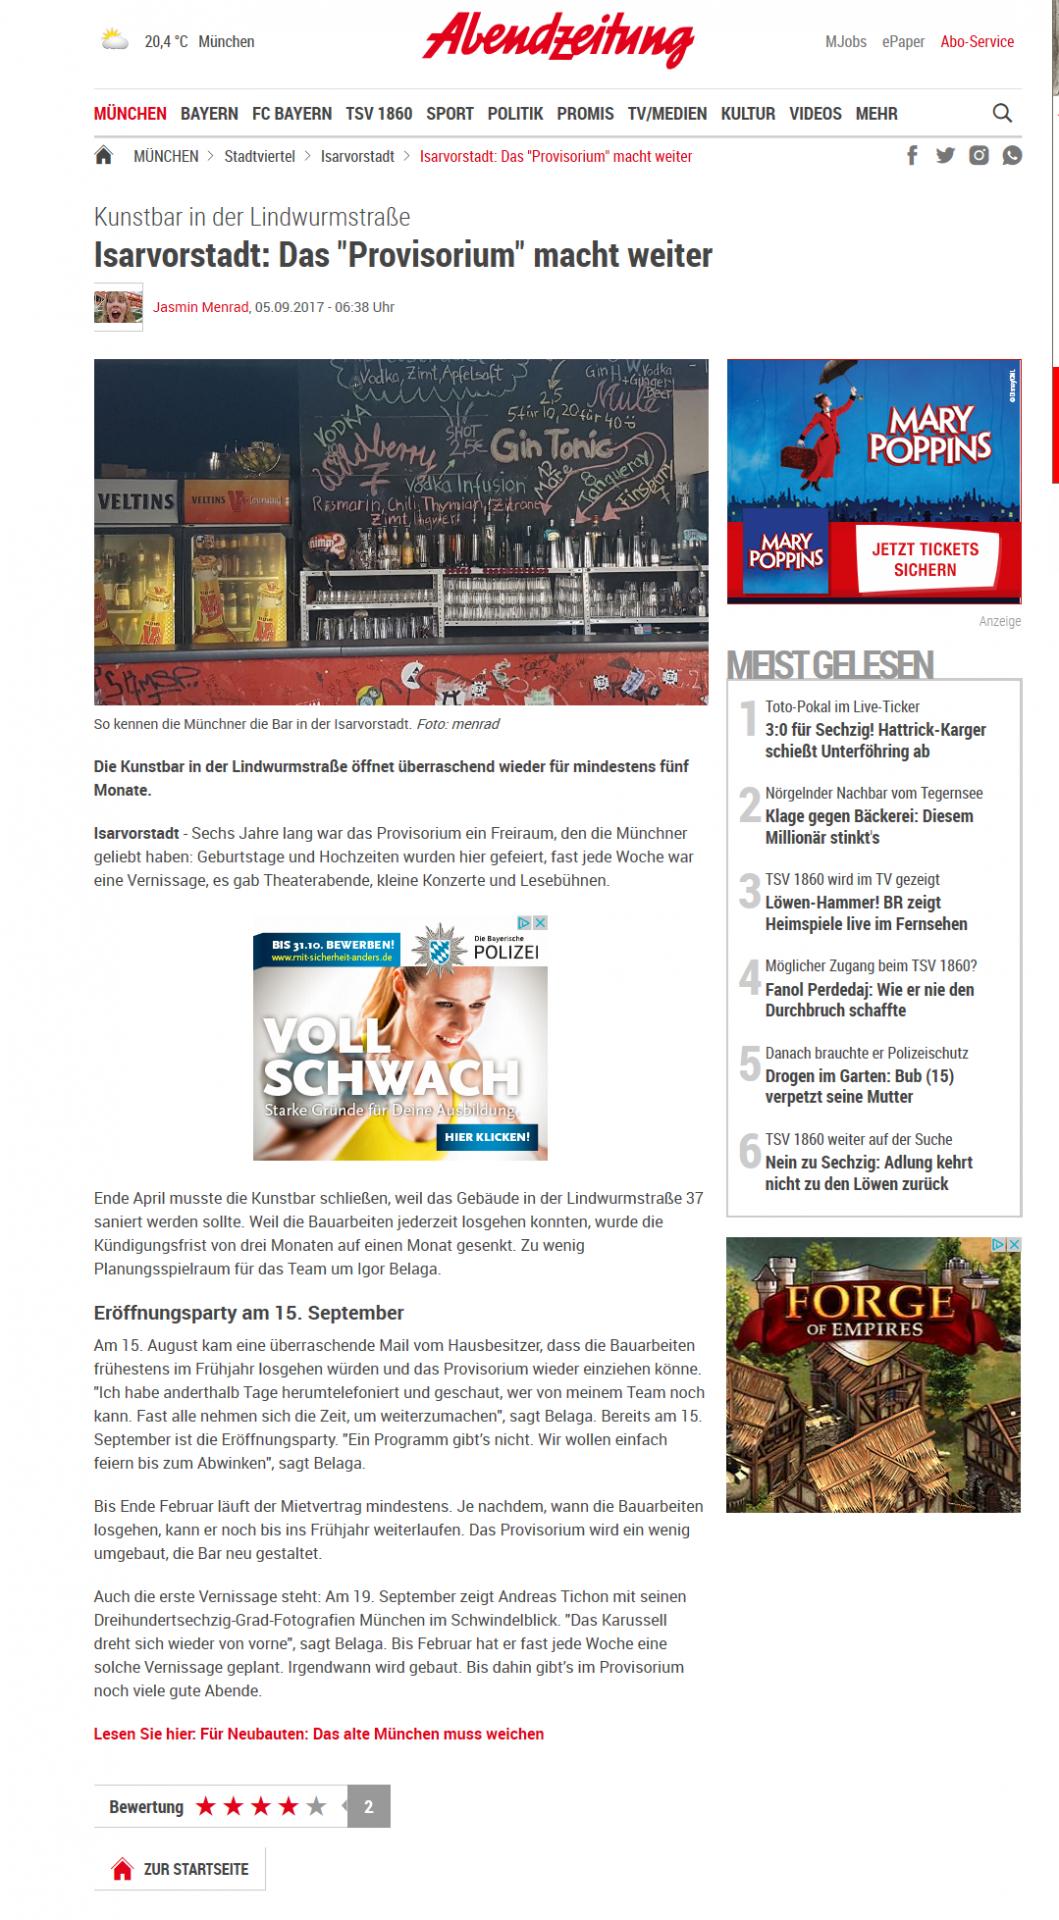 screenshot-www.abendzeitung-muenchen.de-2017-09-05-19-52-11